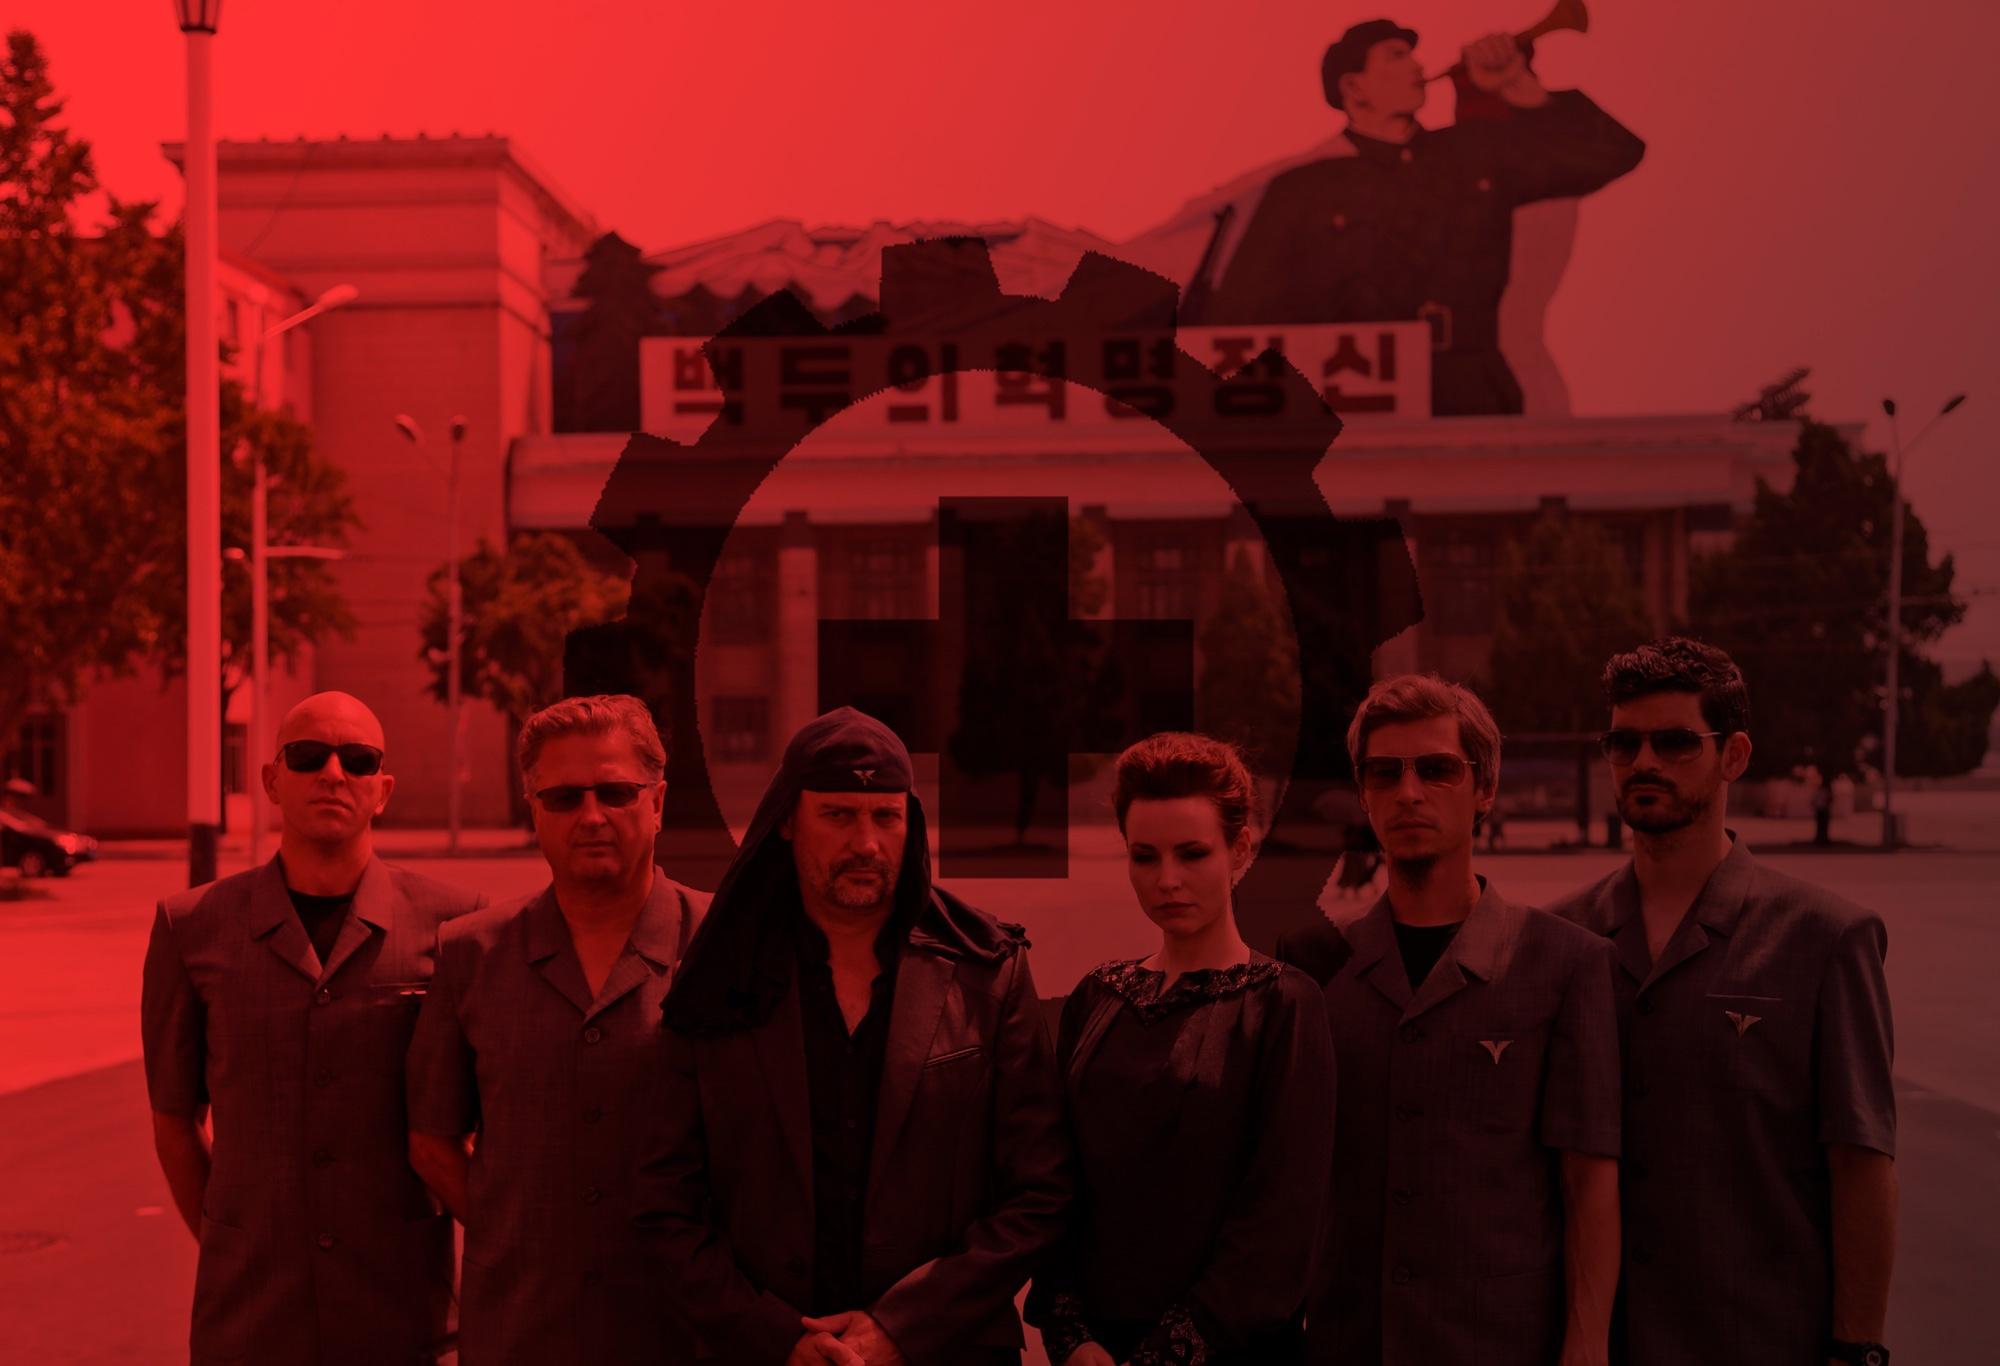 Laibach rock totalitario arte Corea del Norte